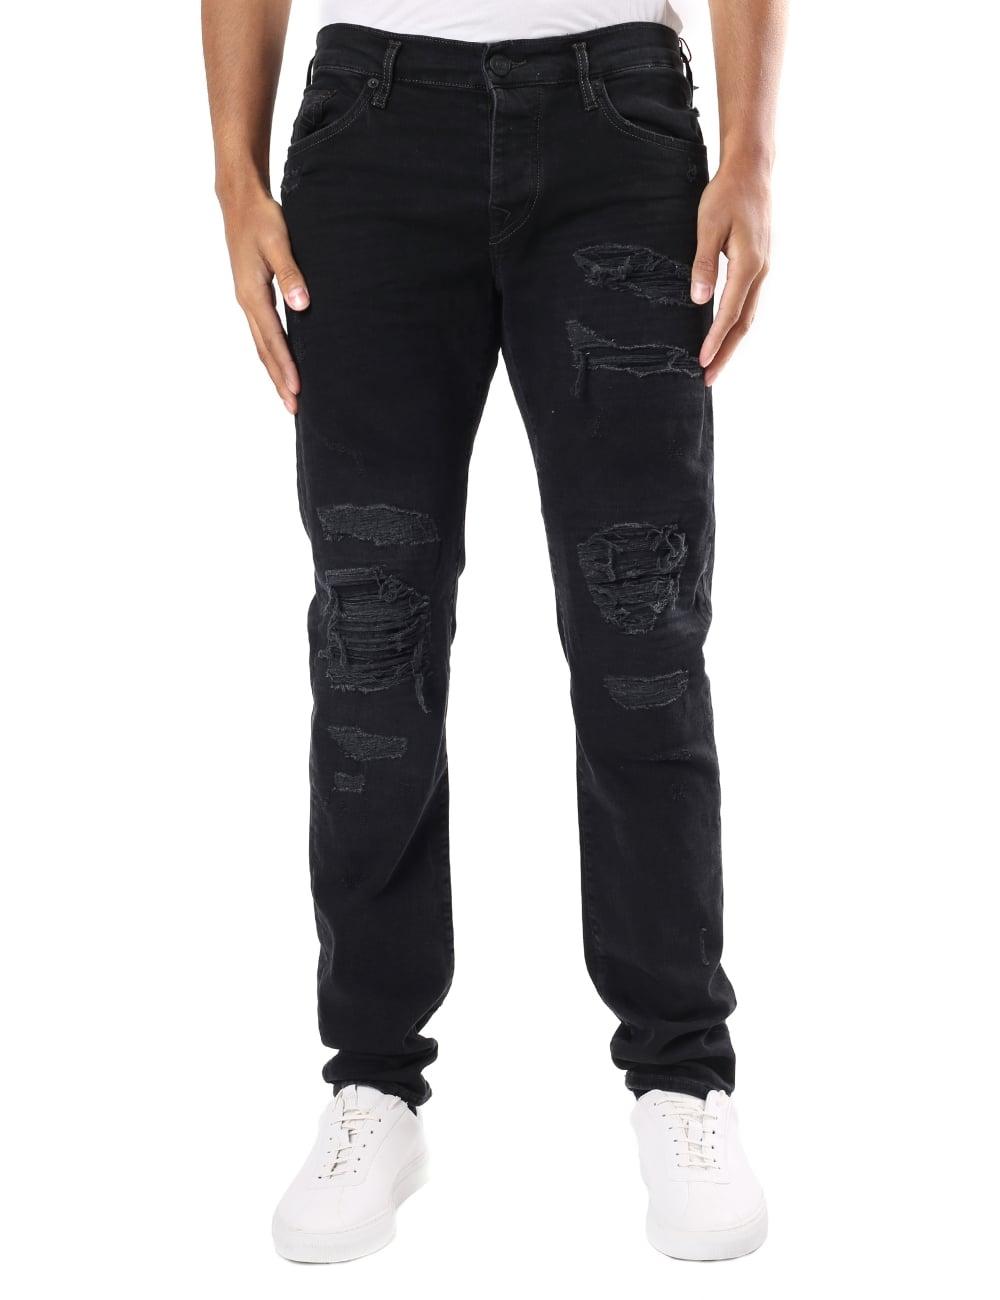 ee9e61da61 True Religion Rocco Relaxed Men's Skinny Jean